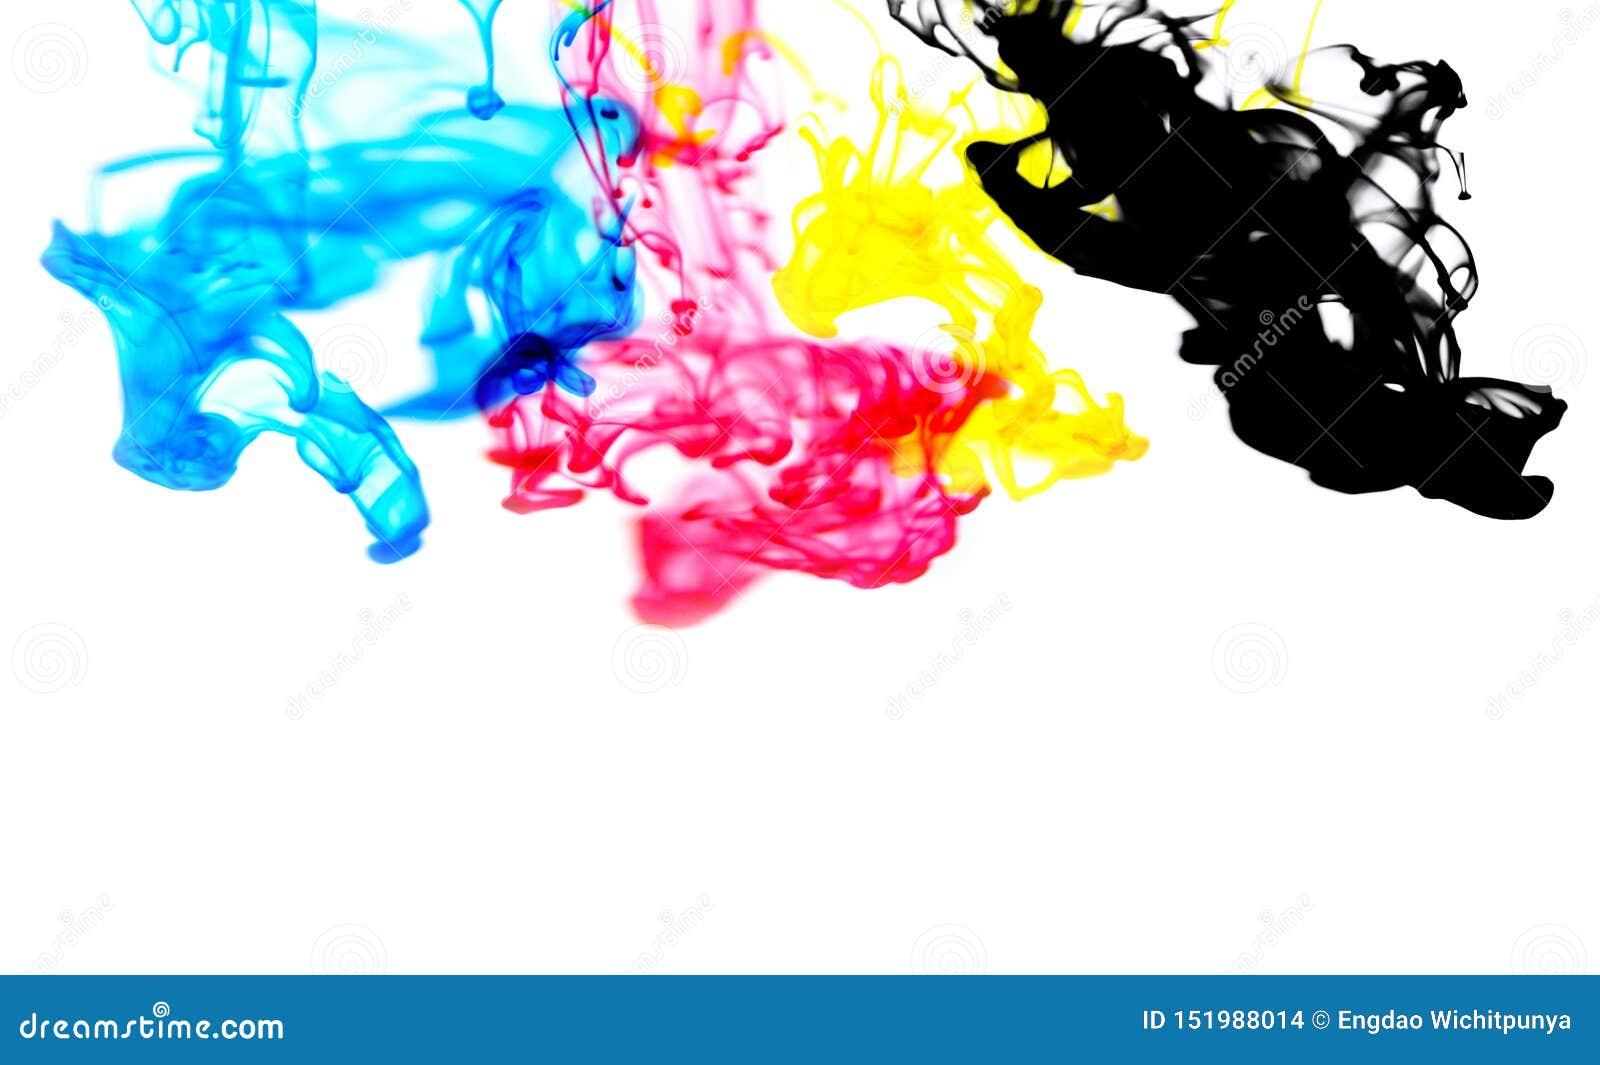 Färgstänk för färg för Cmyk färgpulverbegrepp för målarfärg med cyan blått rött magentafärgat gult och svart - färger för akryl f